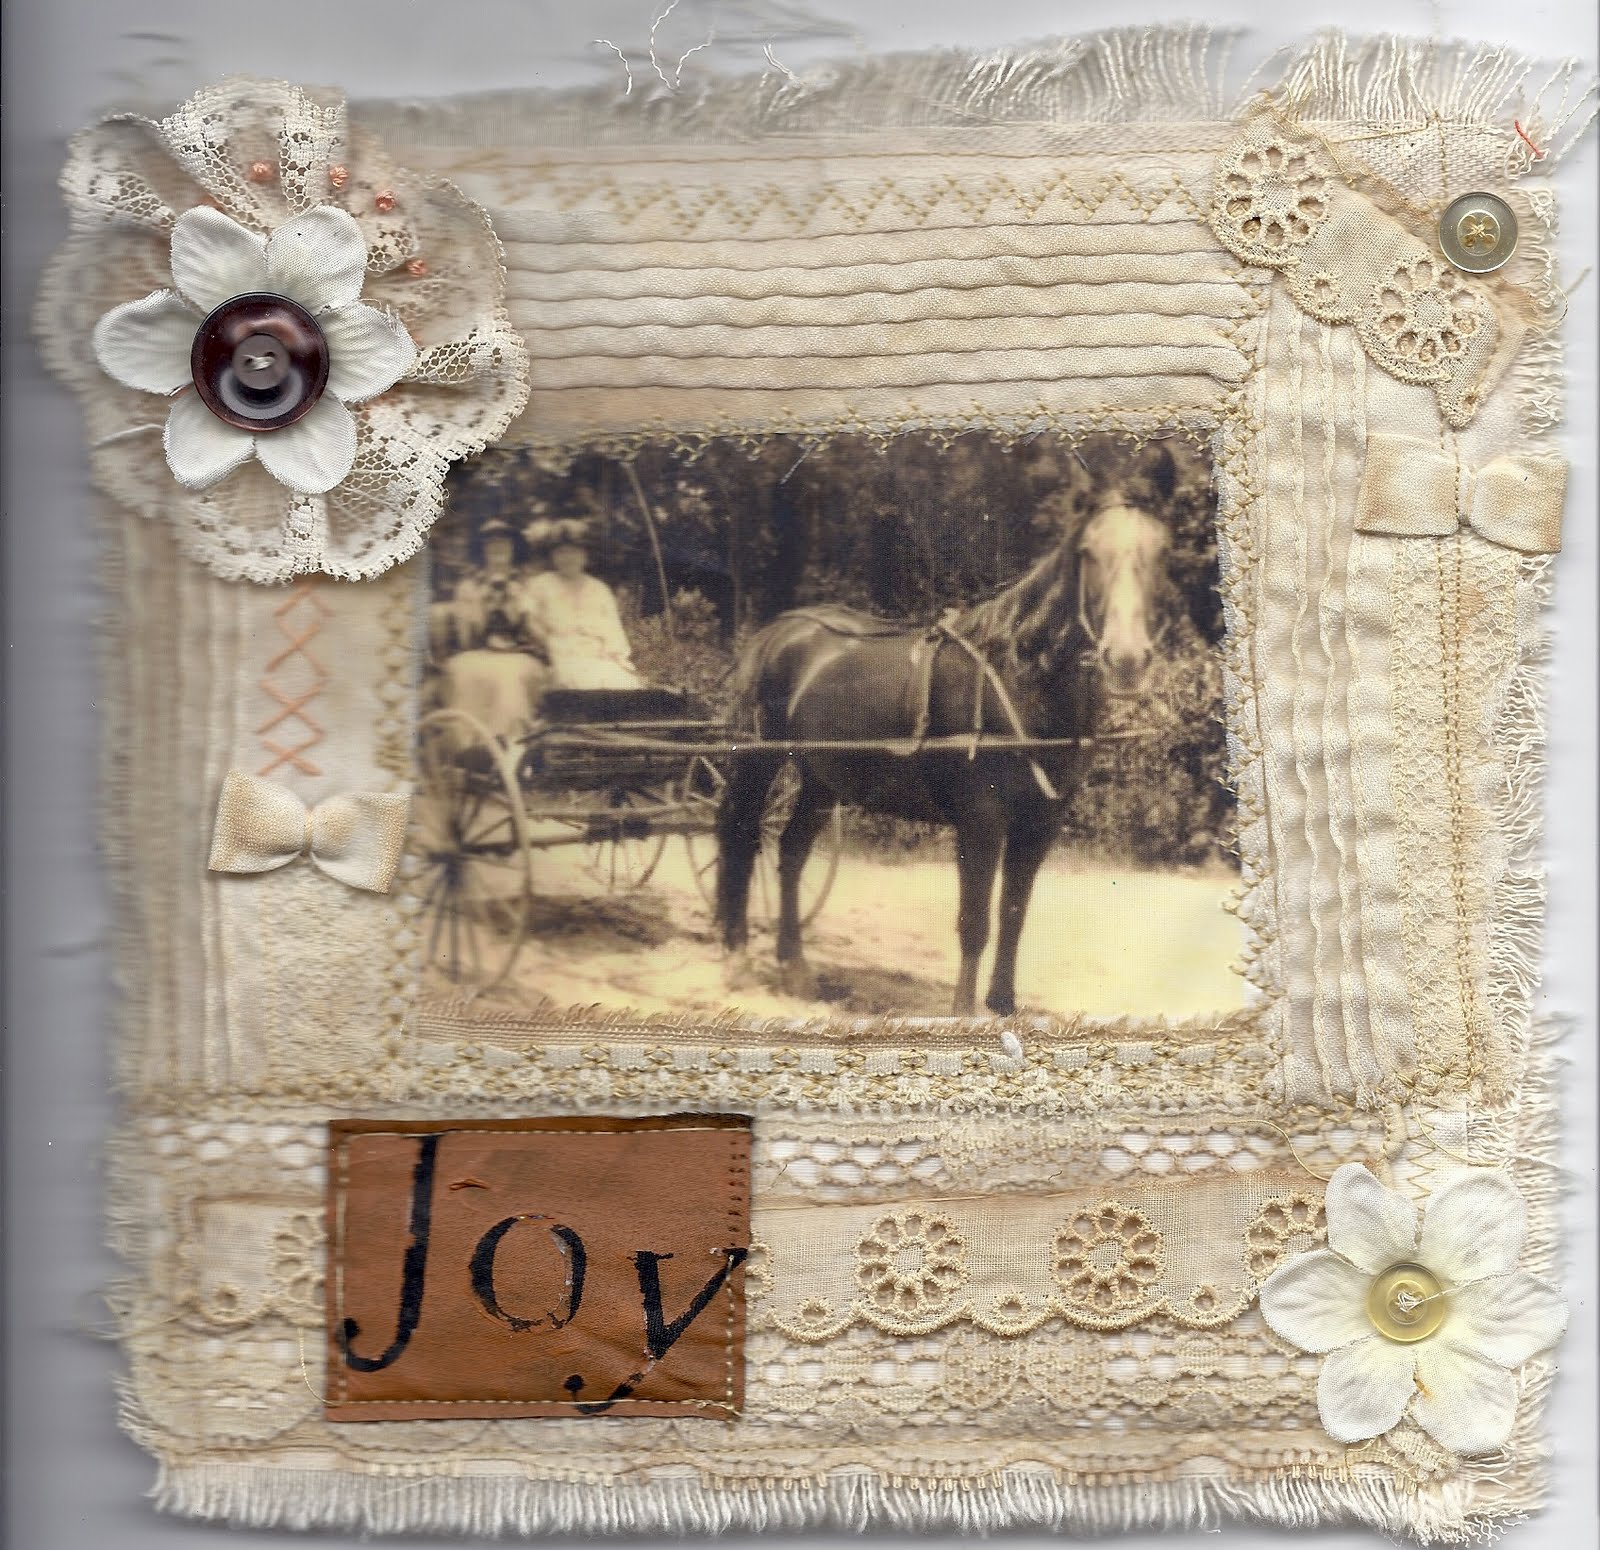 http://1.bp.blogspot.com/_SnuySFTmjG4/S_L9P5fxM9I/AAAAAAAAJZ8/2oEKx6NAauQ/s1600/horse%2Band%2Bbuggy.jpg